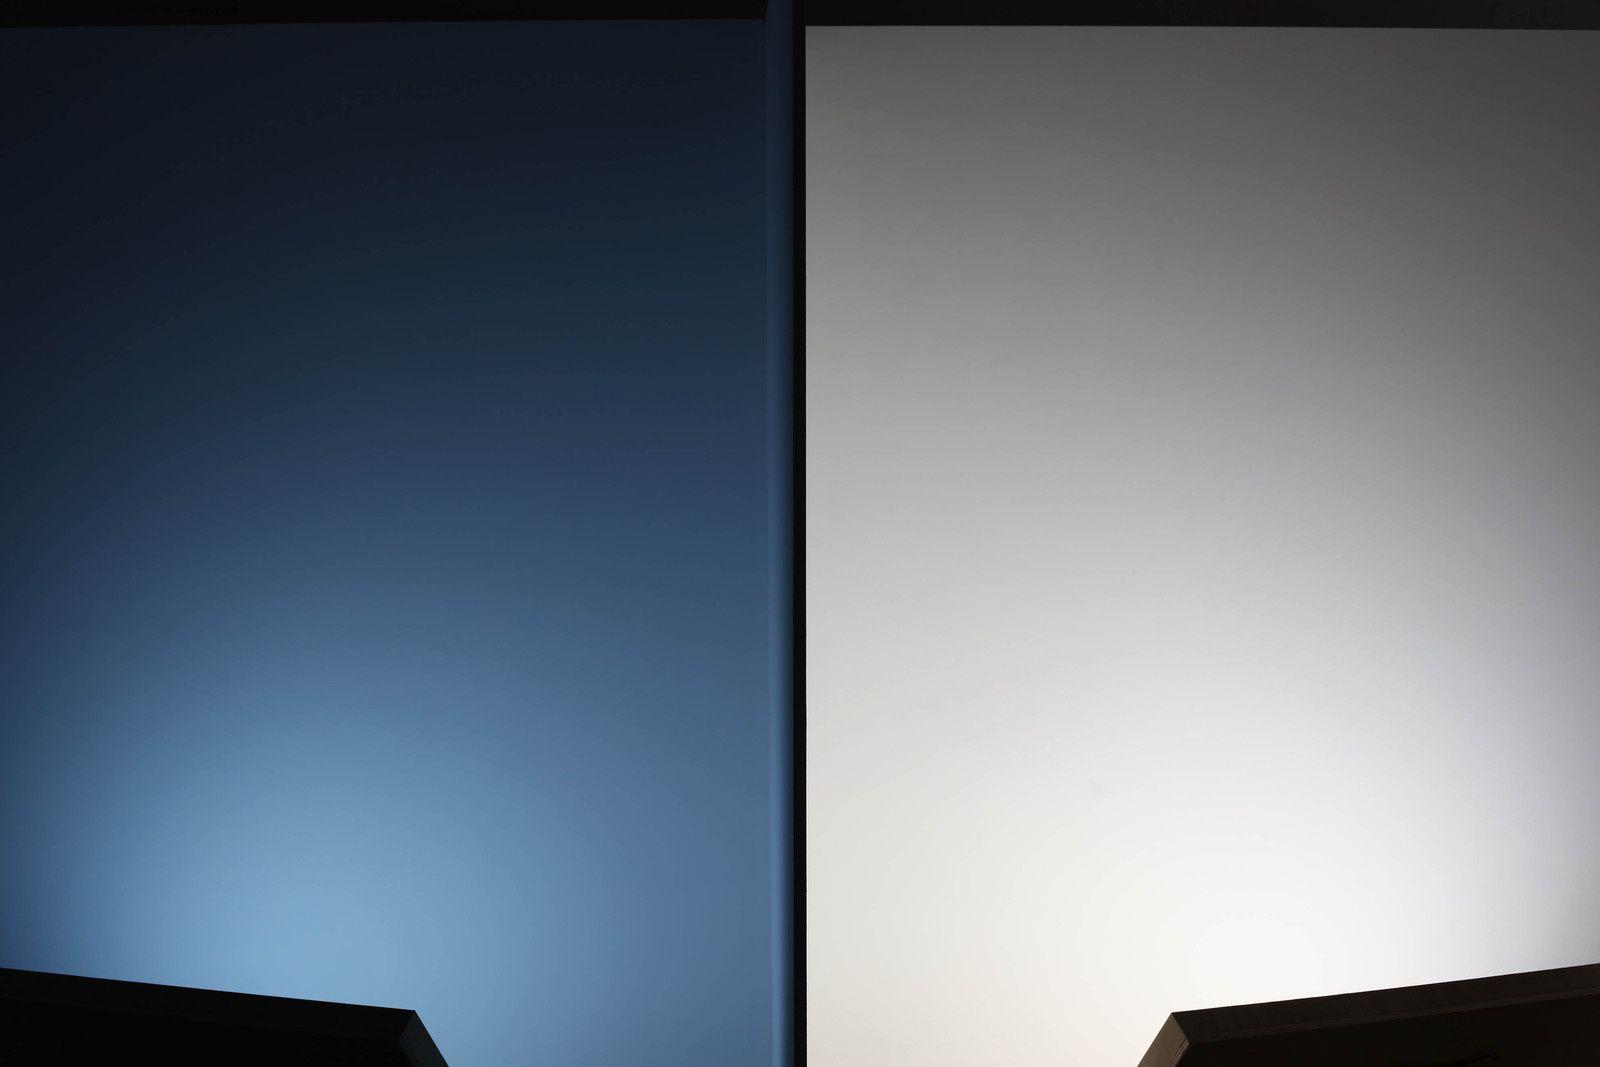 """Installation Lumineuse """"Équinoxe moins deux minutes"""", 2015 de Sébastien CABOUR et Pauline DELWAULLE - Courtesy des artistes © Photo Éric Simon"""